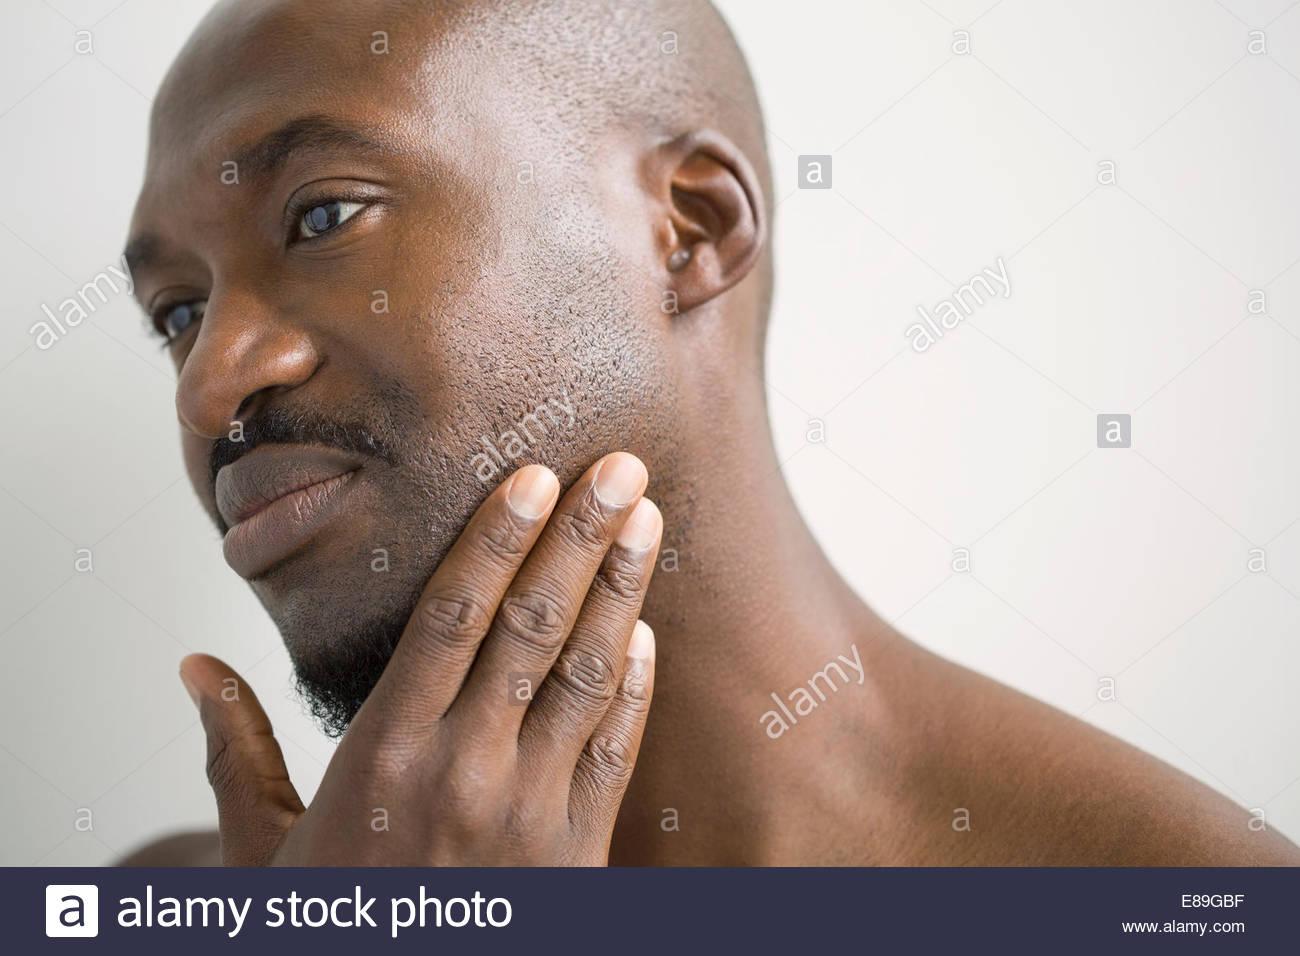 Nahaufnahme des Mannes reiben Stoppeln auf Gesicht Stockbild